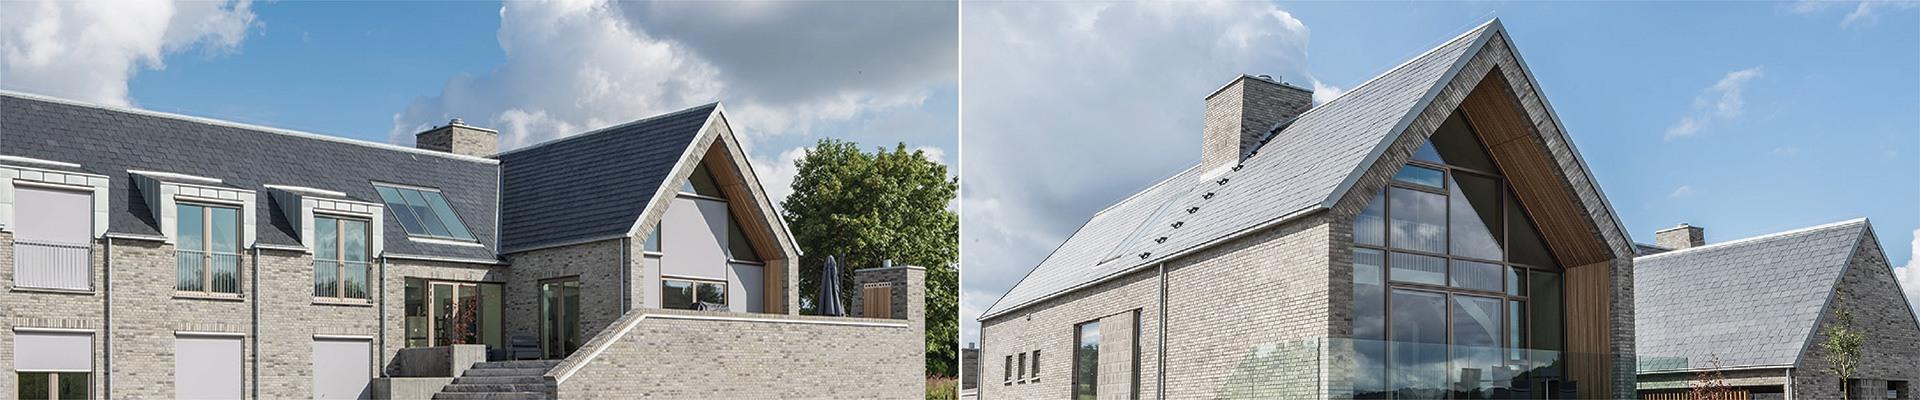 a house with a slate solar panel